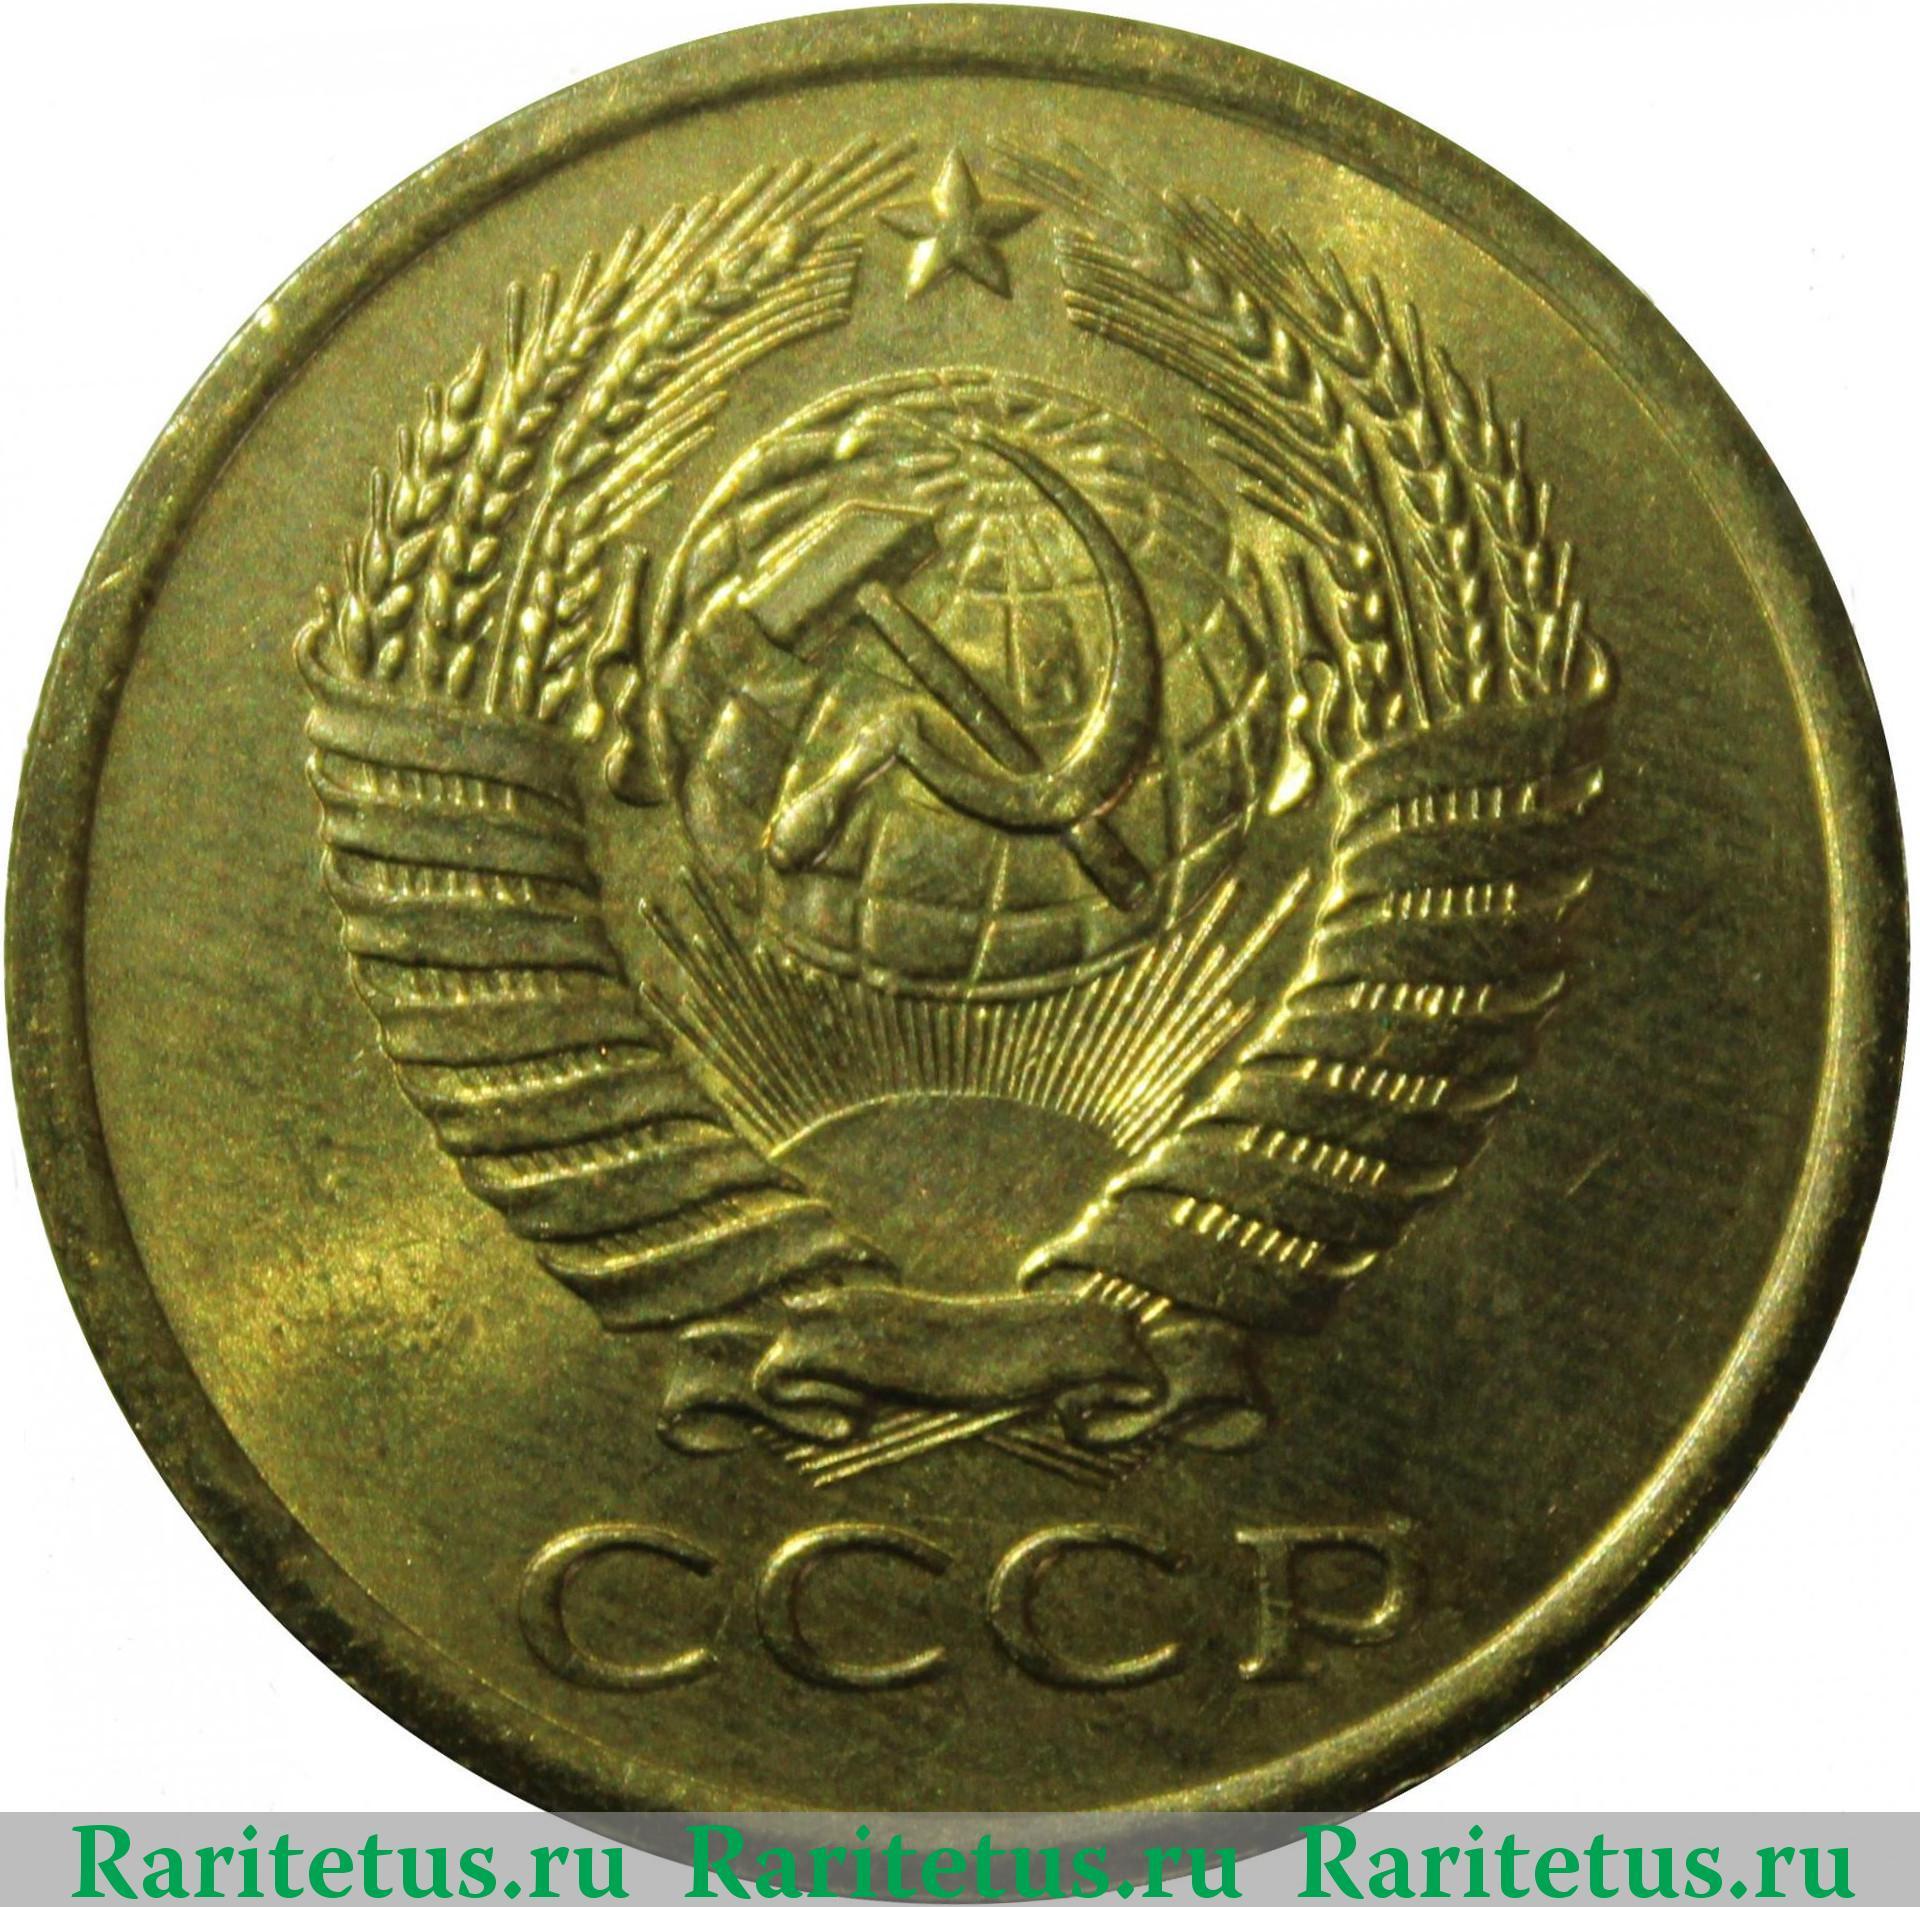 Стоимость 20 коп 1962 года казначейский знак 20 рублей